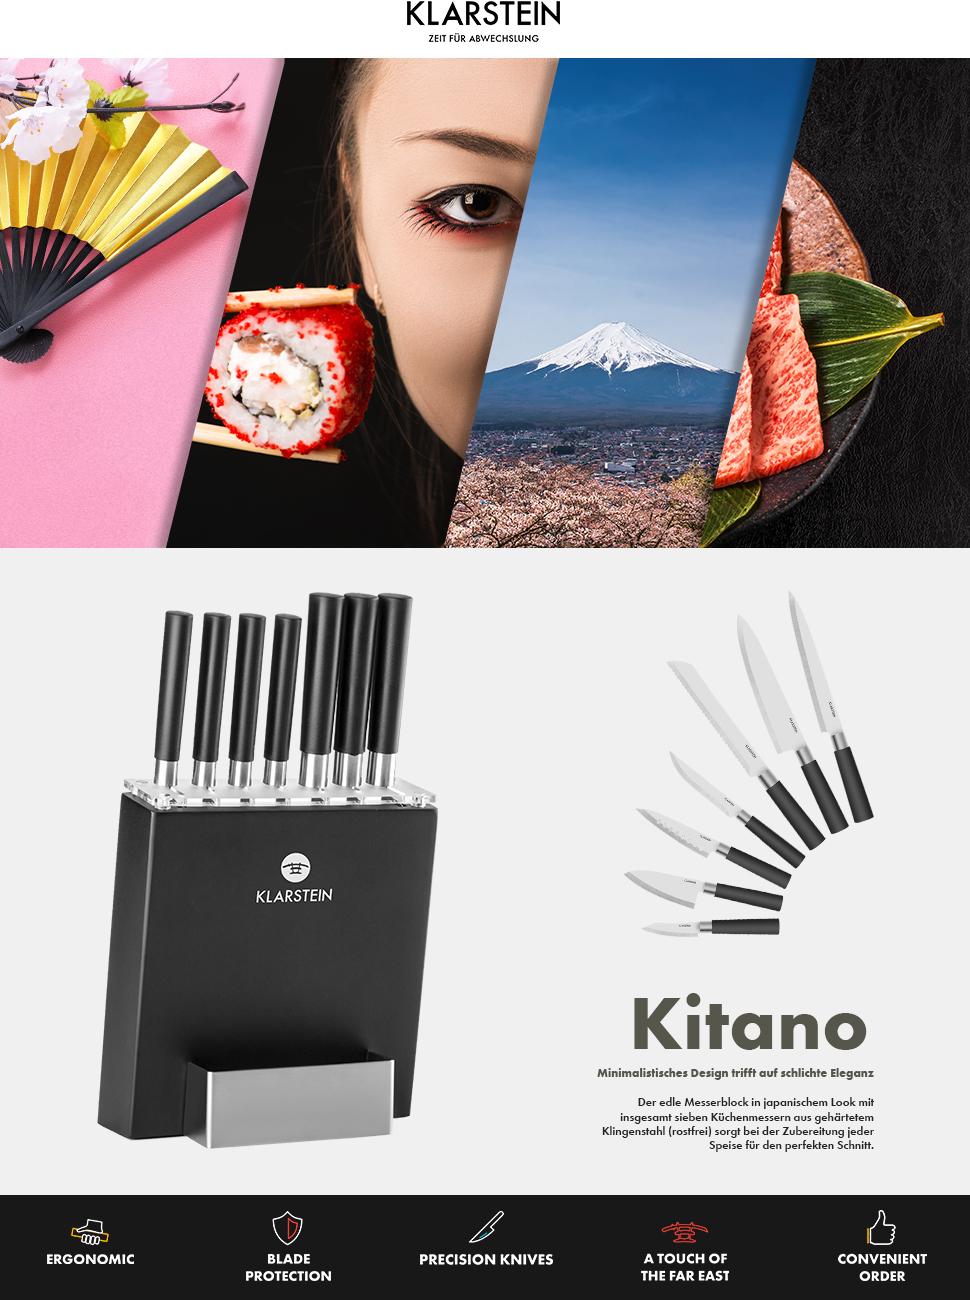 Mit Dem Kitano Messer Set Von Klarstein Kommt Selbst Bei Koch Anfängern  Echte Chefkoch Stimmung Auf. In Japanisch Angehauchtem, Edlem Design Holt  Das ...